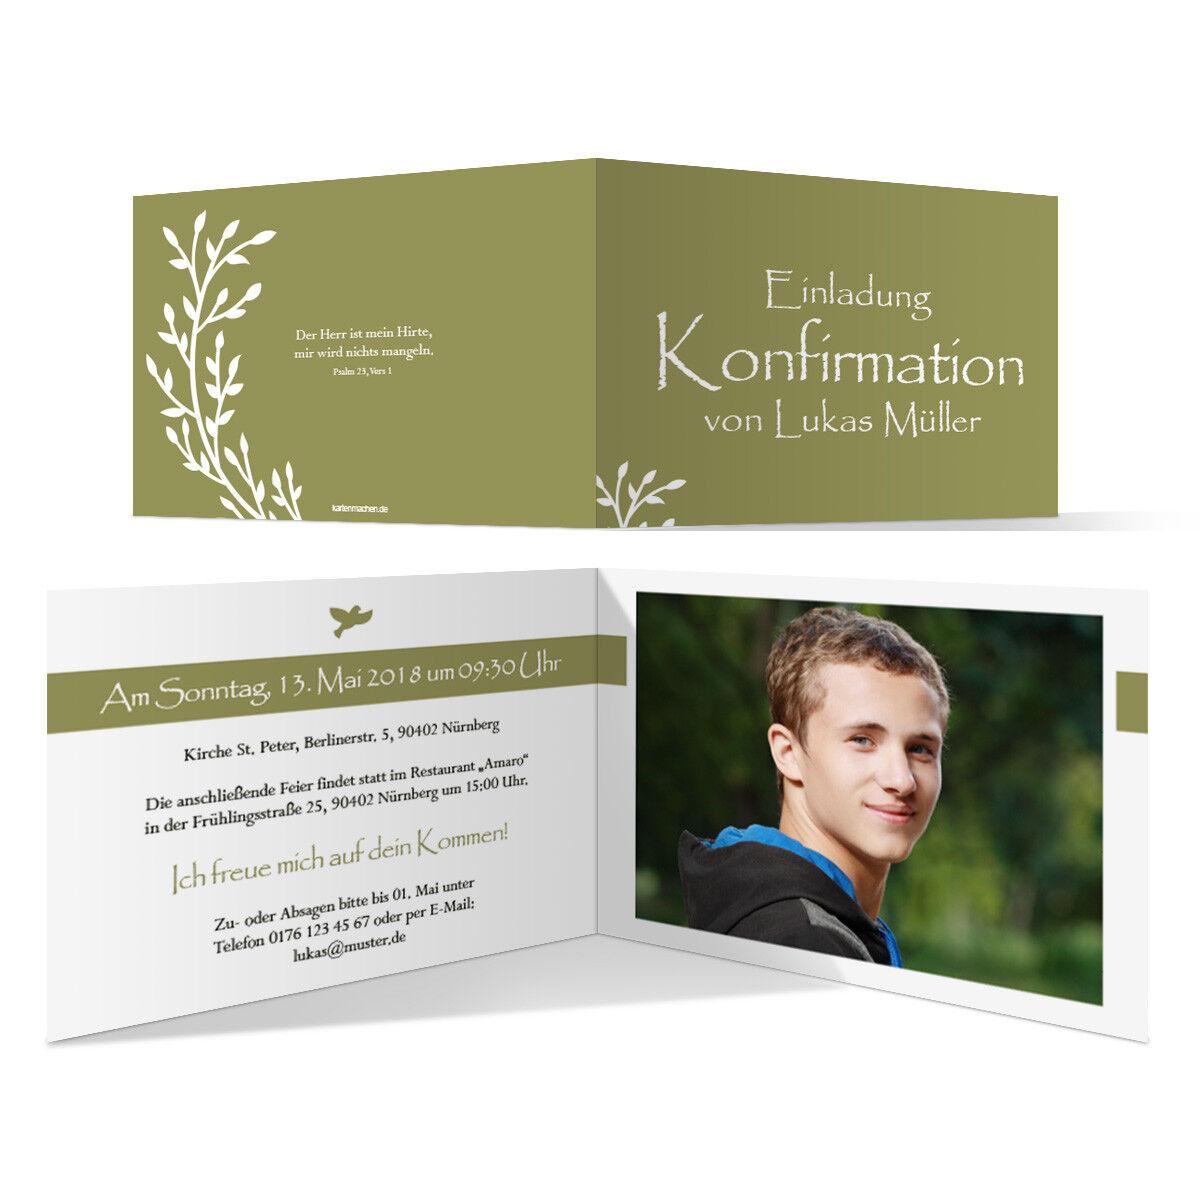 Konfirmation Einladungskarten Konfirmationskarten Einladungen Wachsende Knospen | Shop Düsseldorf  | Zahlreiche In Vielfalt